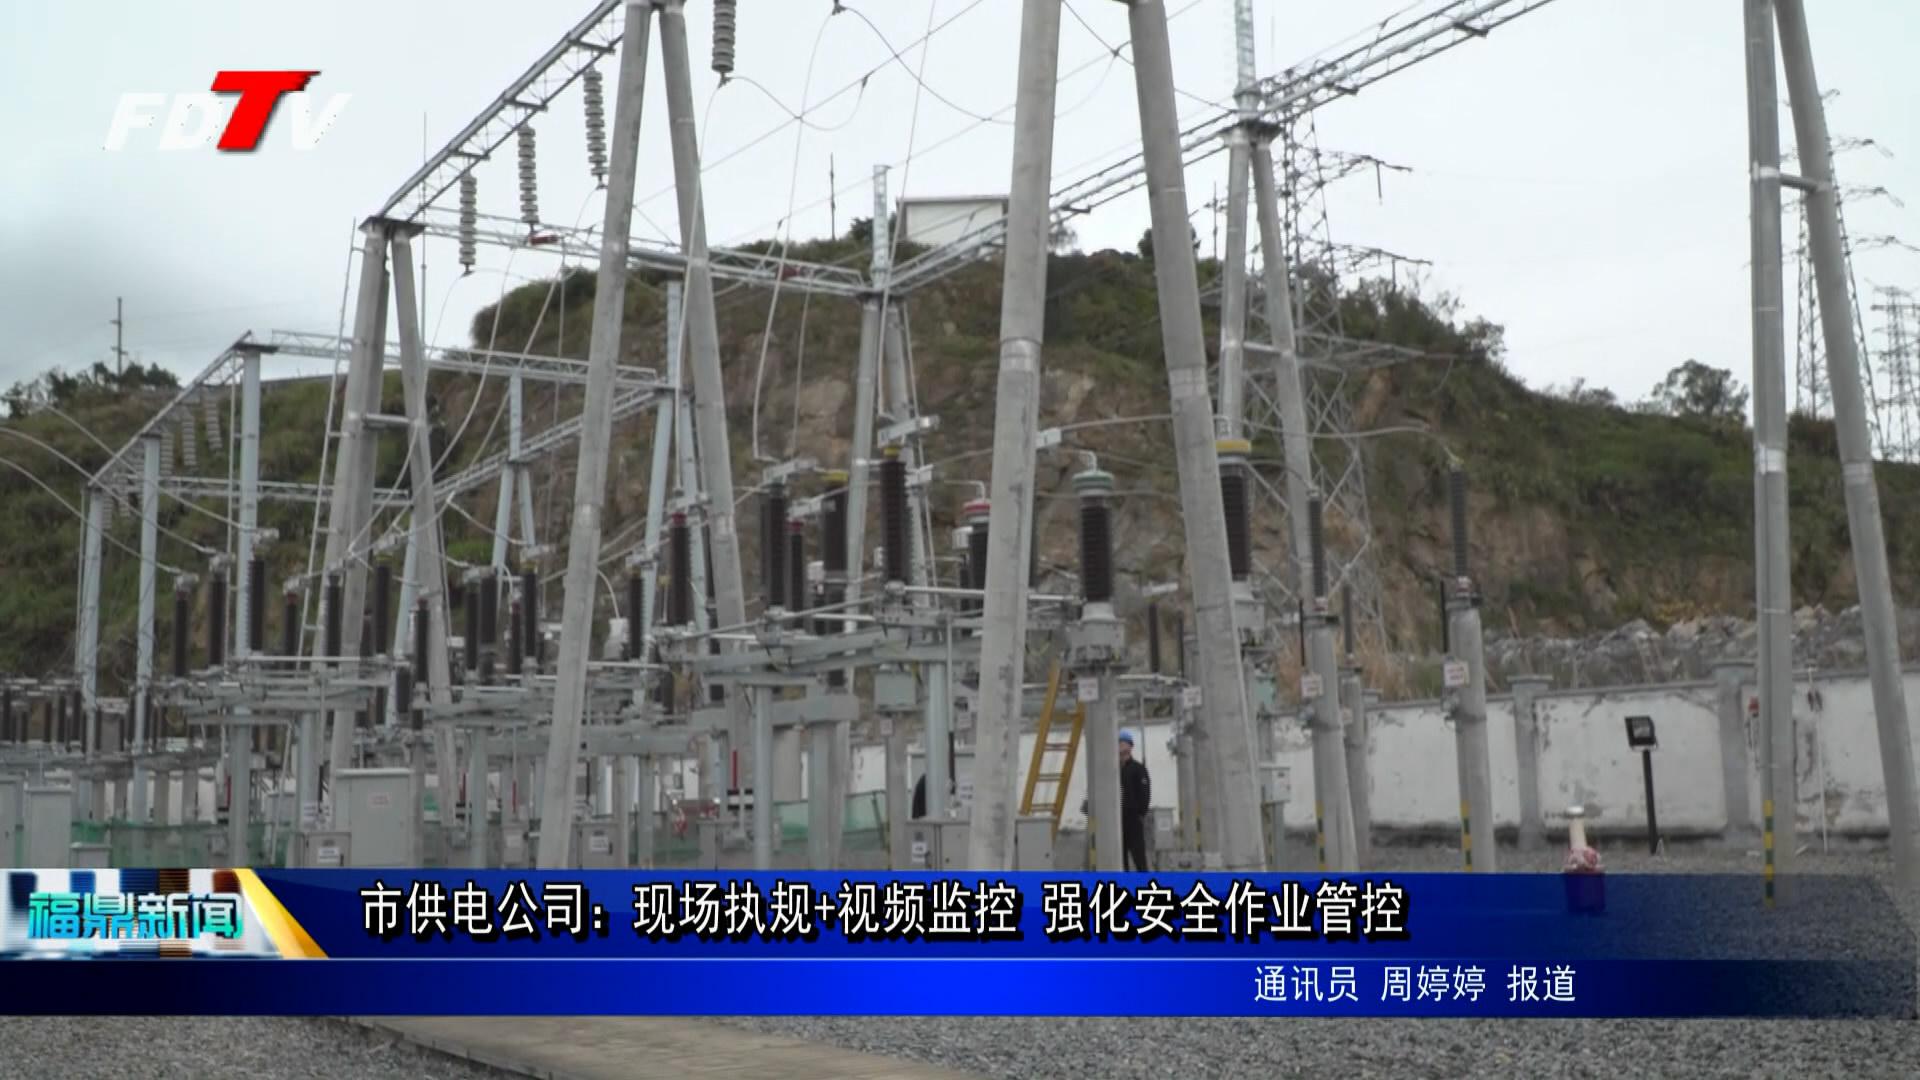 市供电公司:现场执规+视频监控 强化安全作业管控